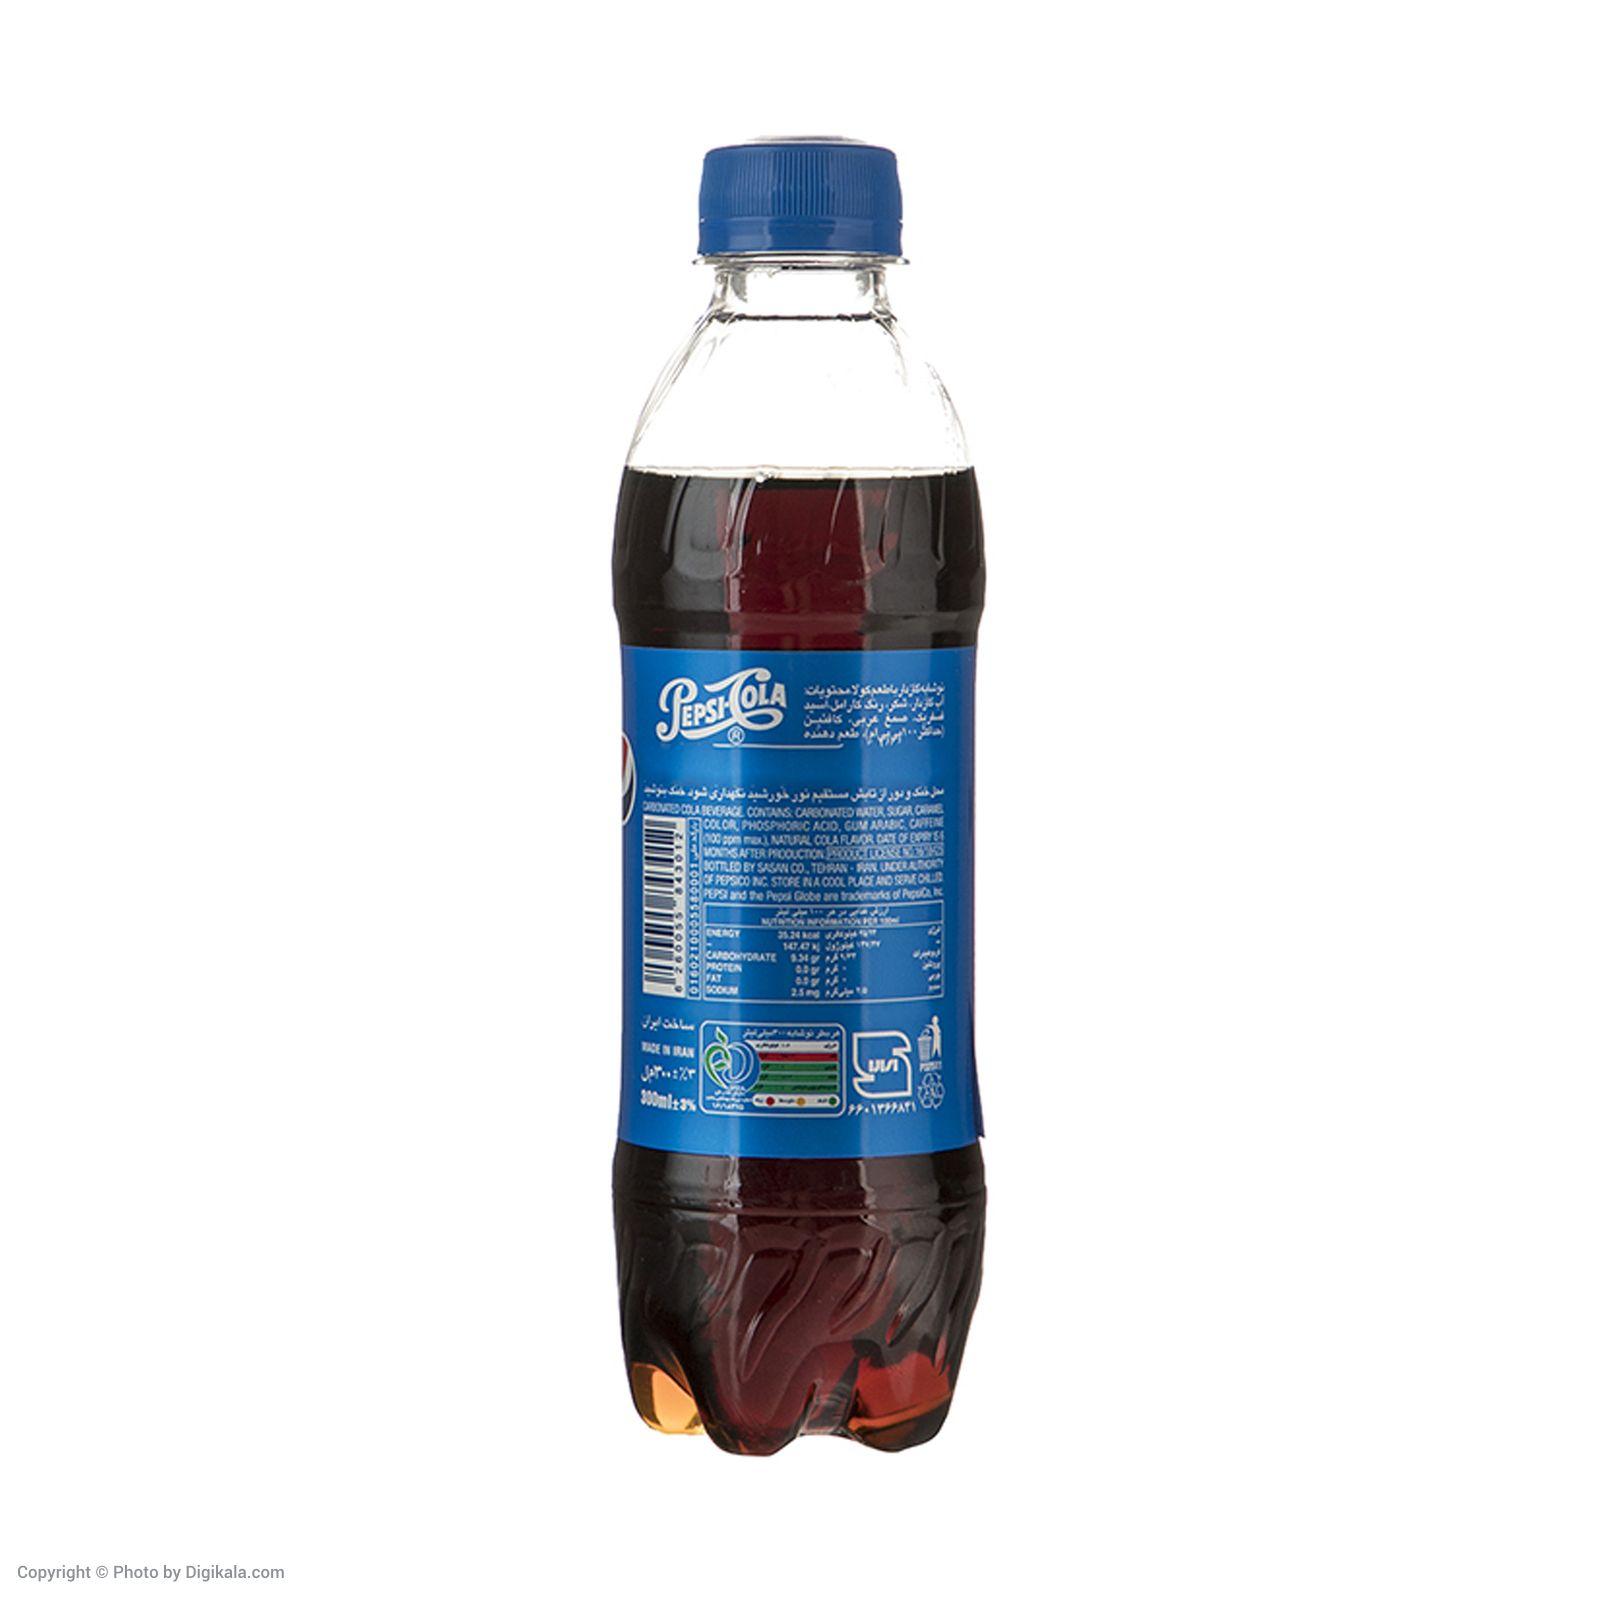 نوشابه گازدار پپسی با طعم کولا - 300 میلی لیتر بسته 24 عددی main 1 3